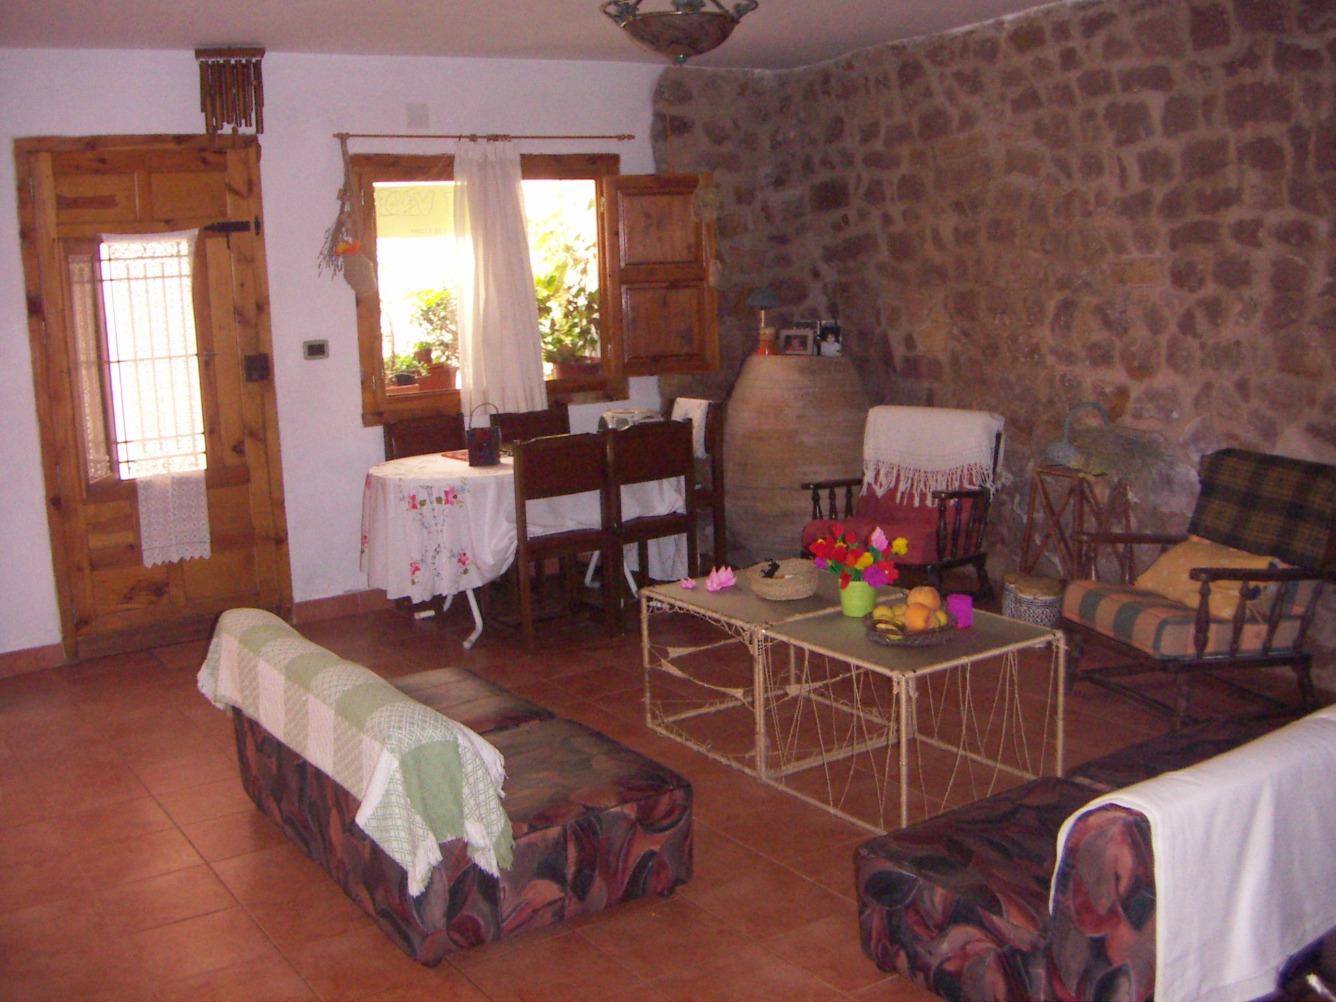 Casa  Vall d'alba, zona de - vilanova d'alcolea. Edificio compuesto por dos casas juntas de 200 m2, en total 5 ha